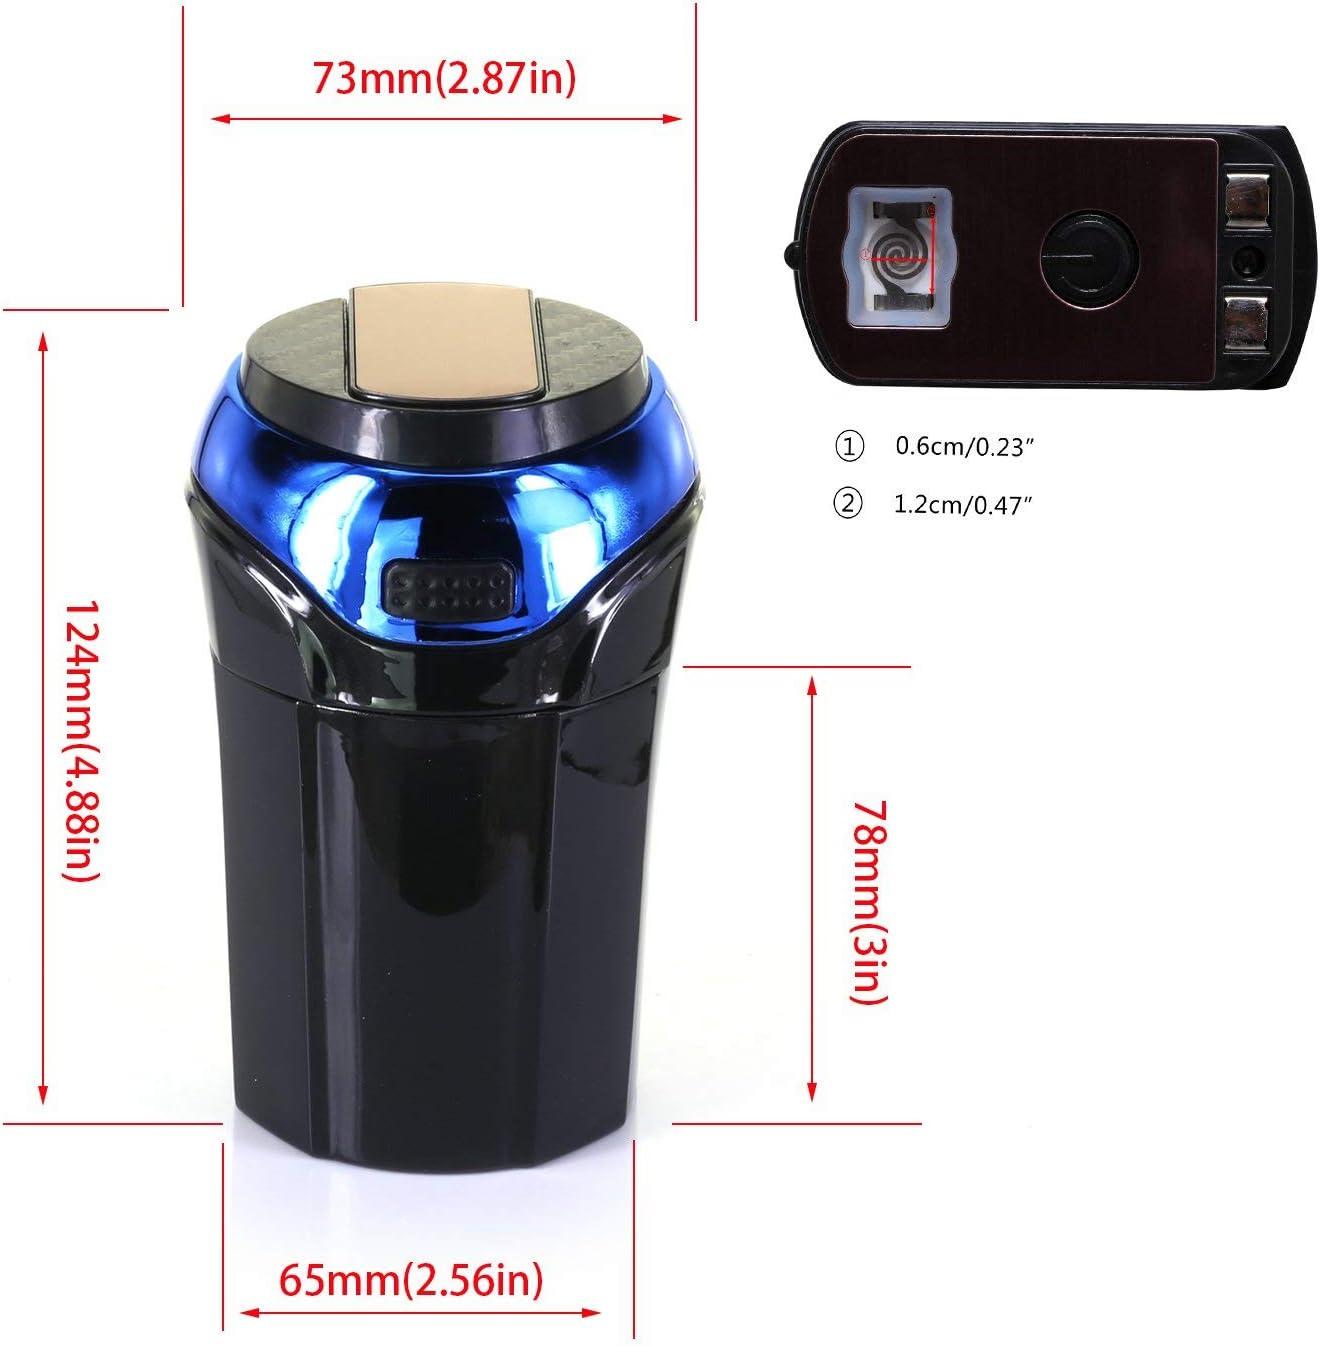 TiooDre Posacenere Auto Staccabile Accendisigari con luce LED Blu Senza Fumo per Veicolo Camion SUV Ufficio Casa